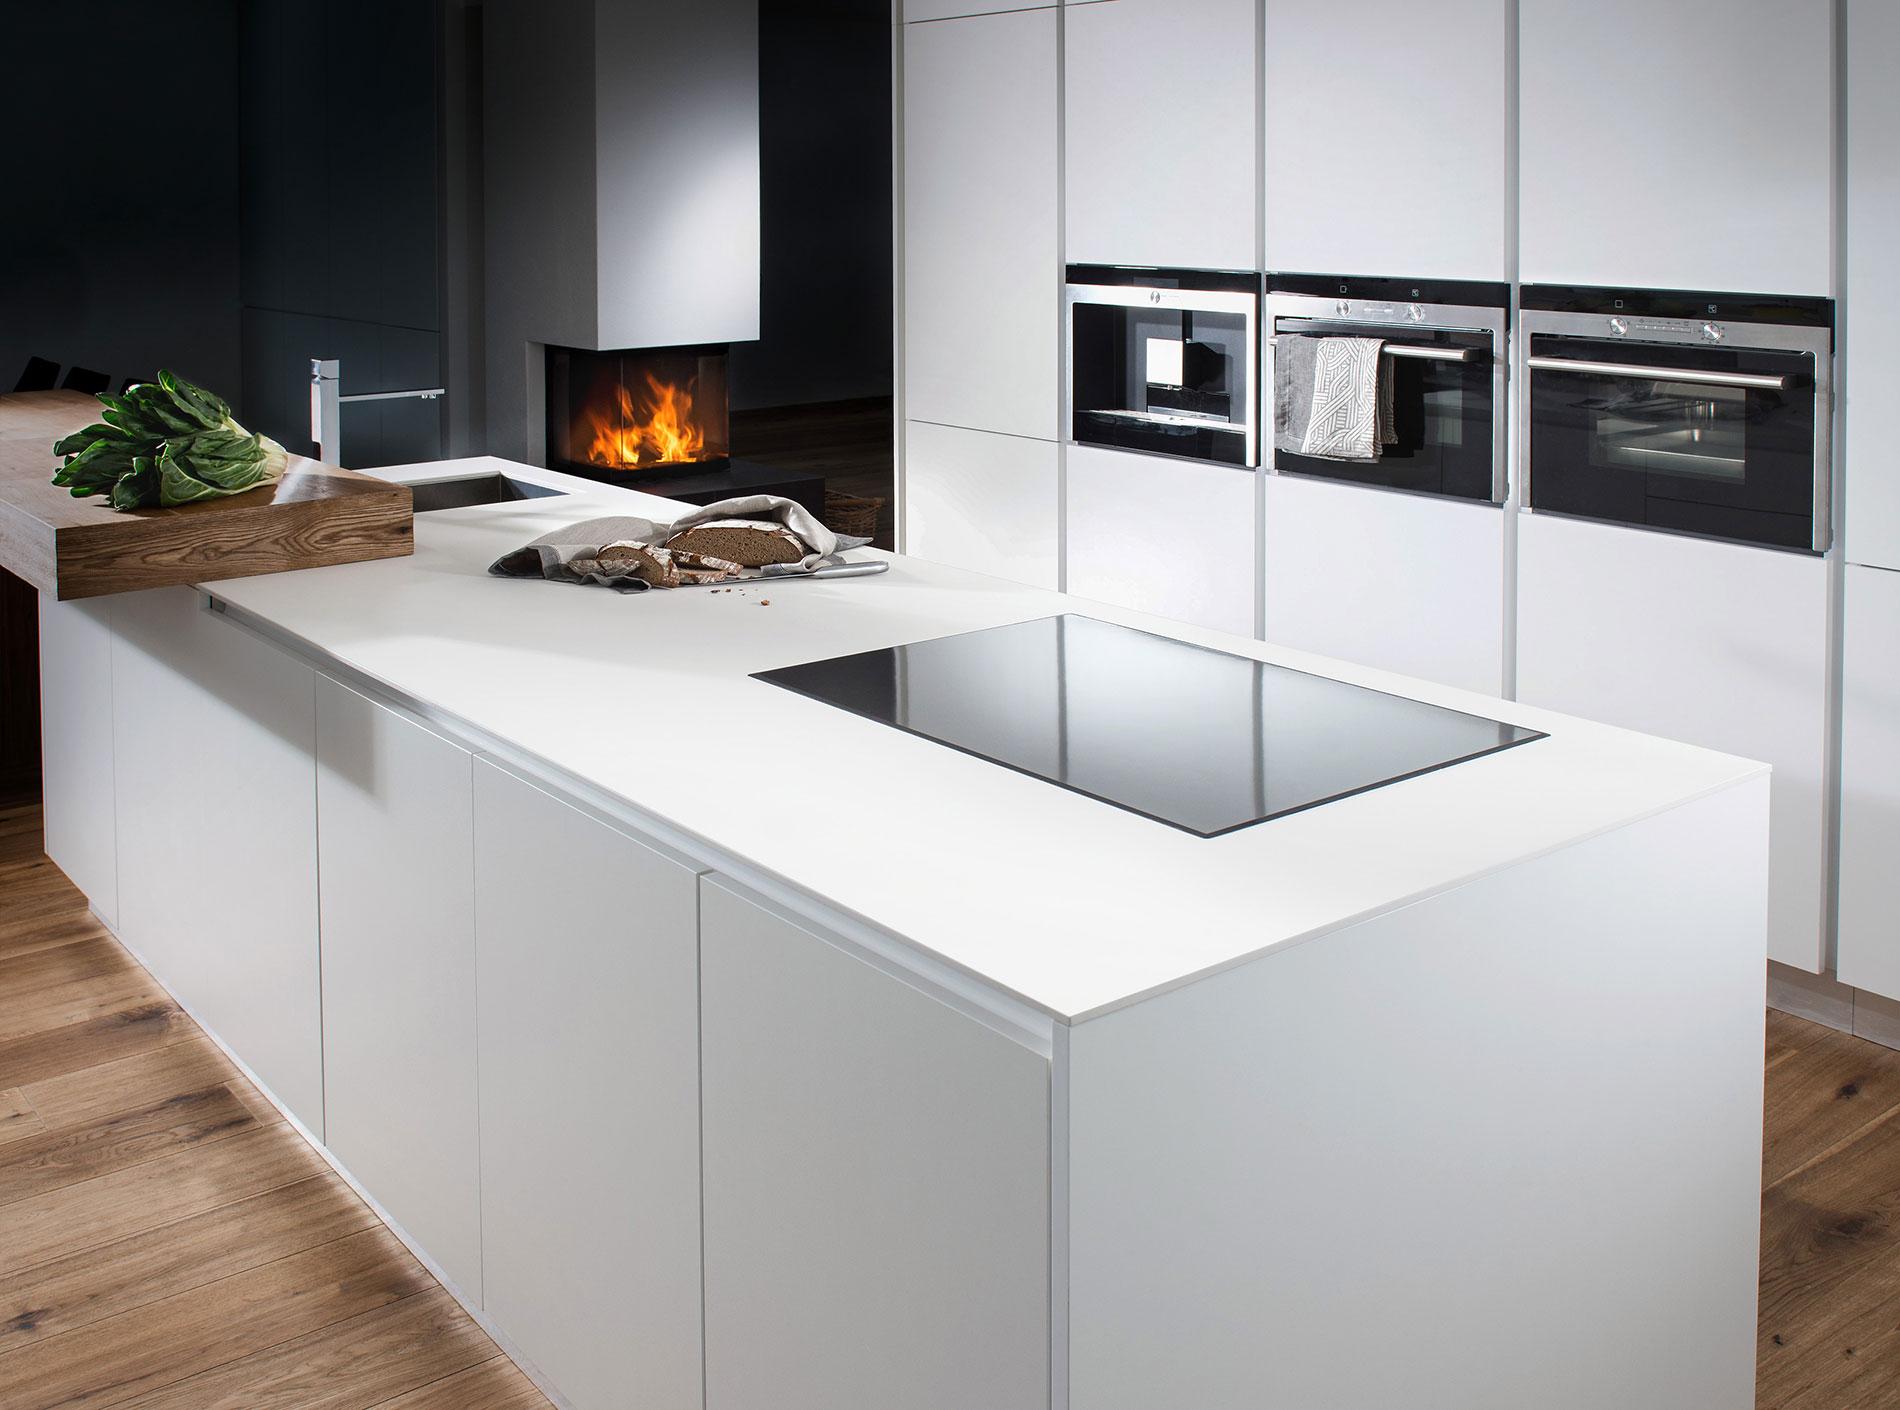 Full Size of Pendelleuchte Küche Arbeitsplatte Dan Küche Arbeitsplatte Basin Theke Küche Arbeitsplatte Küche Arbeitsplatte Reinigen Küche Küche Arbeitsplatte